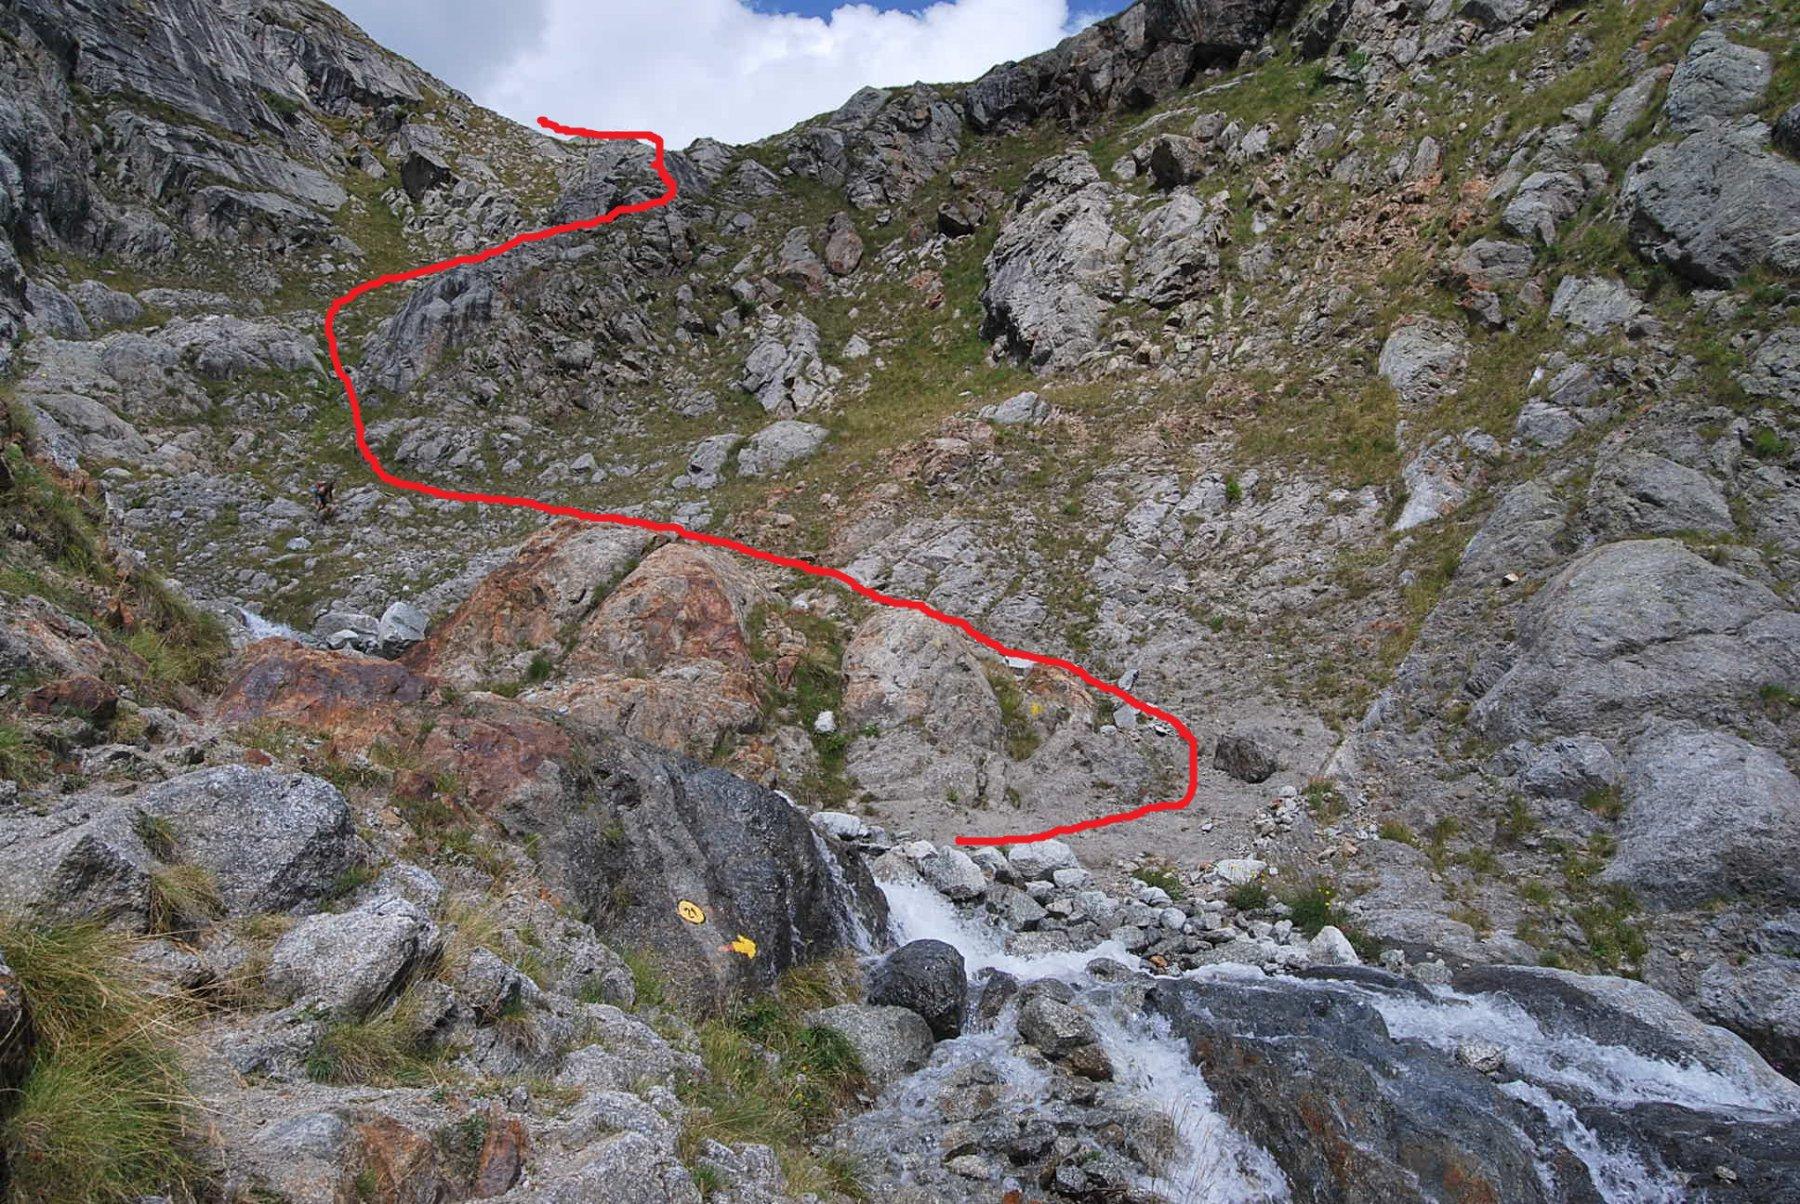 L'attraversamento del torrente ed il percorso di salita alla scaletta. Qui il cammino si fa più severo